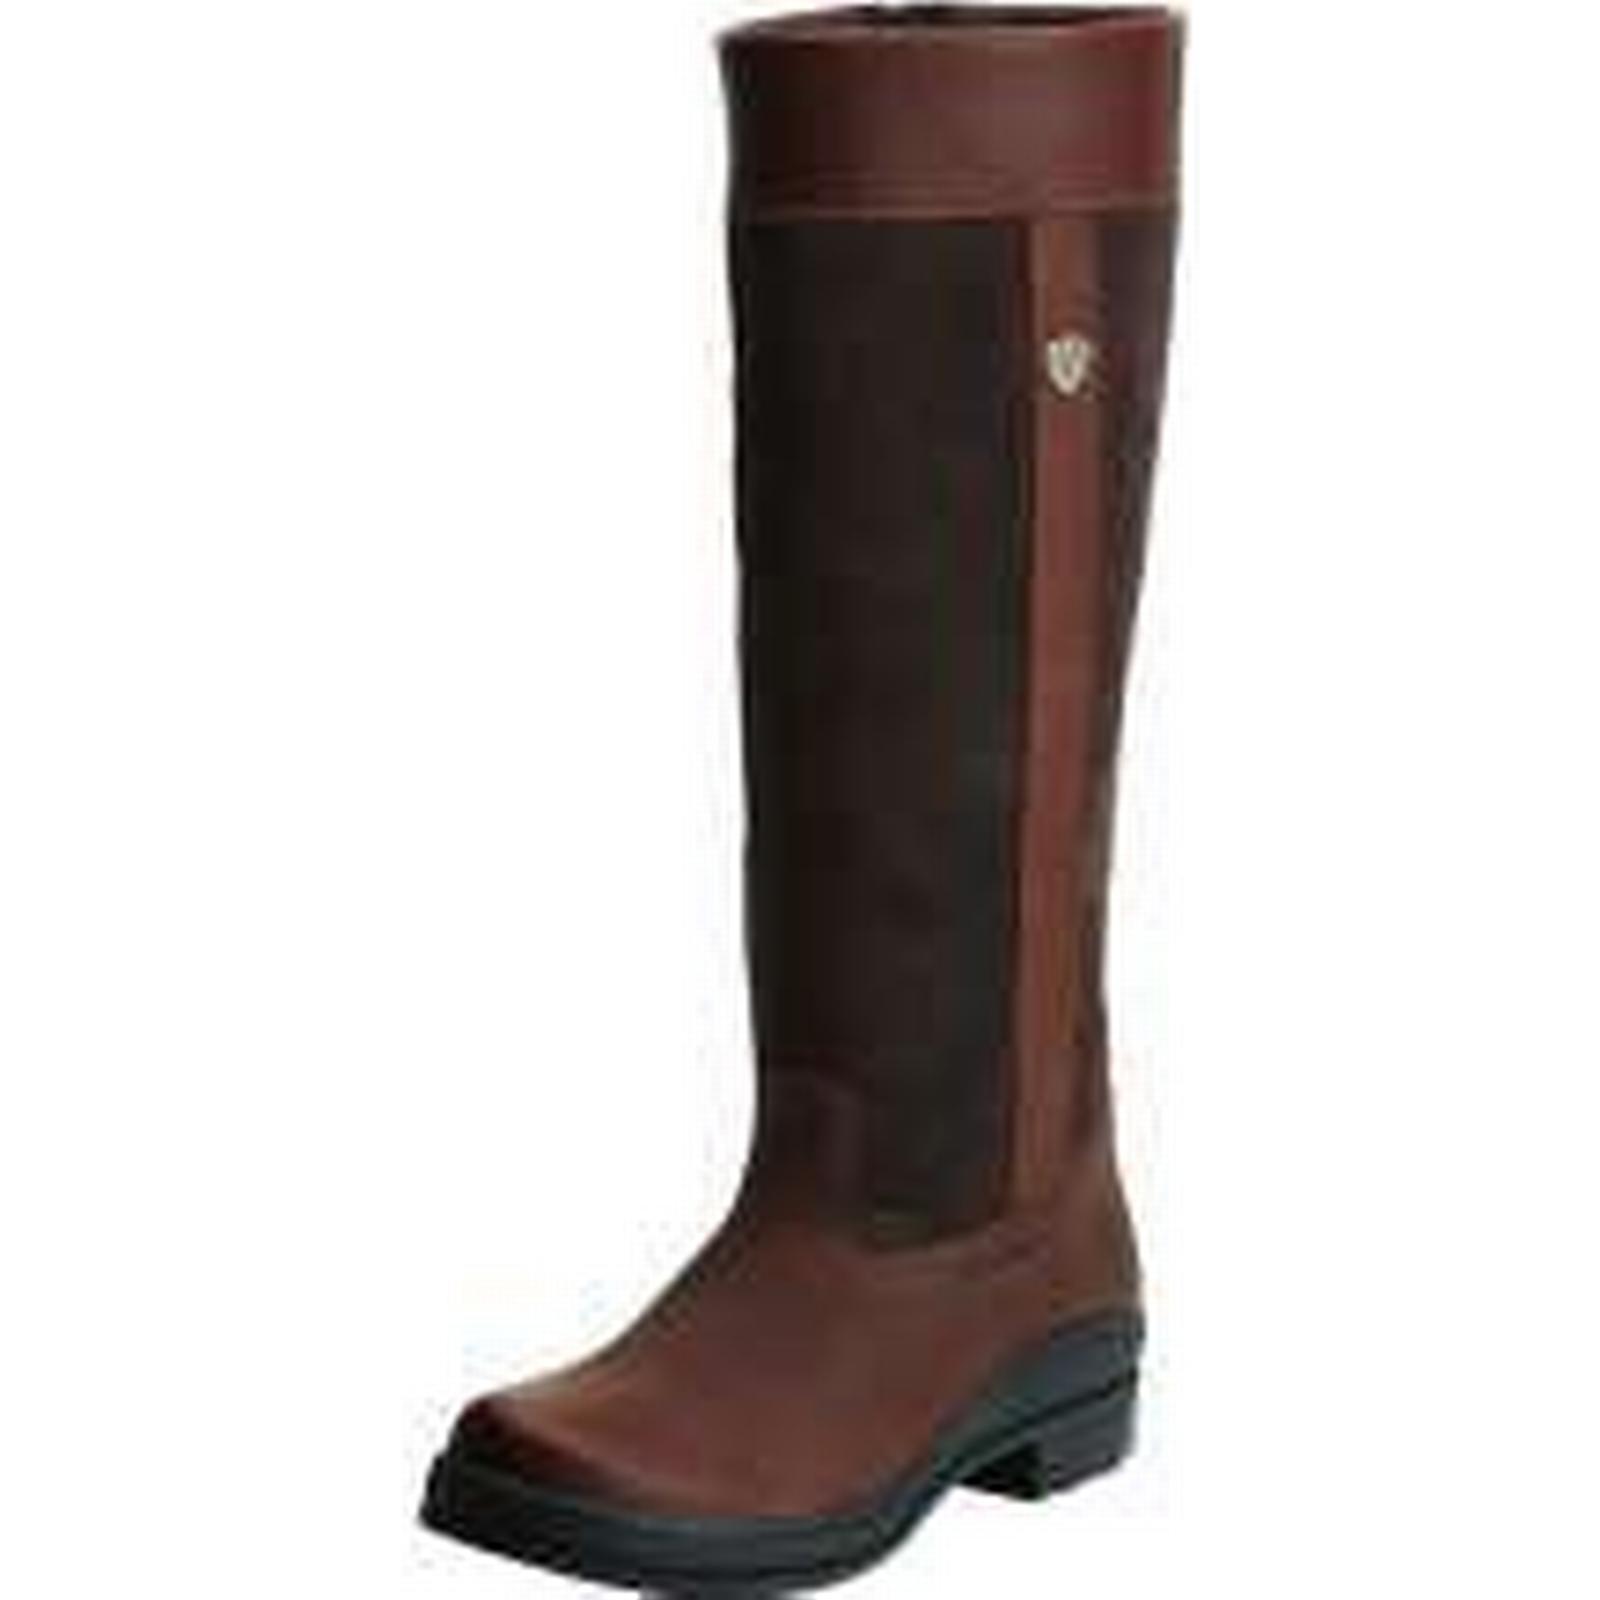 Ariat Brown, Windermere H2O Boots, Dark Brown, Ariat UK 6 Full Calf 411809